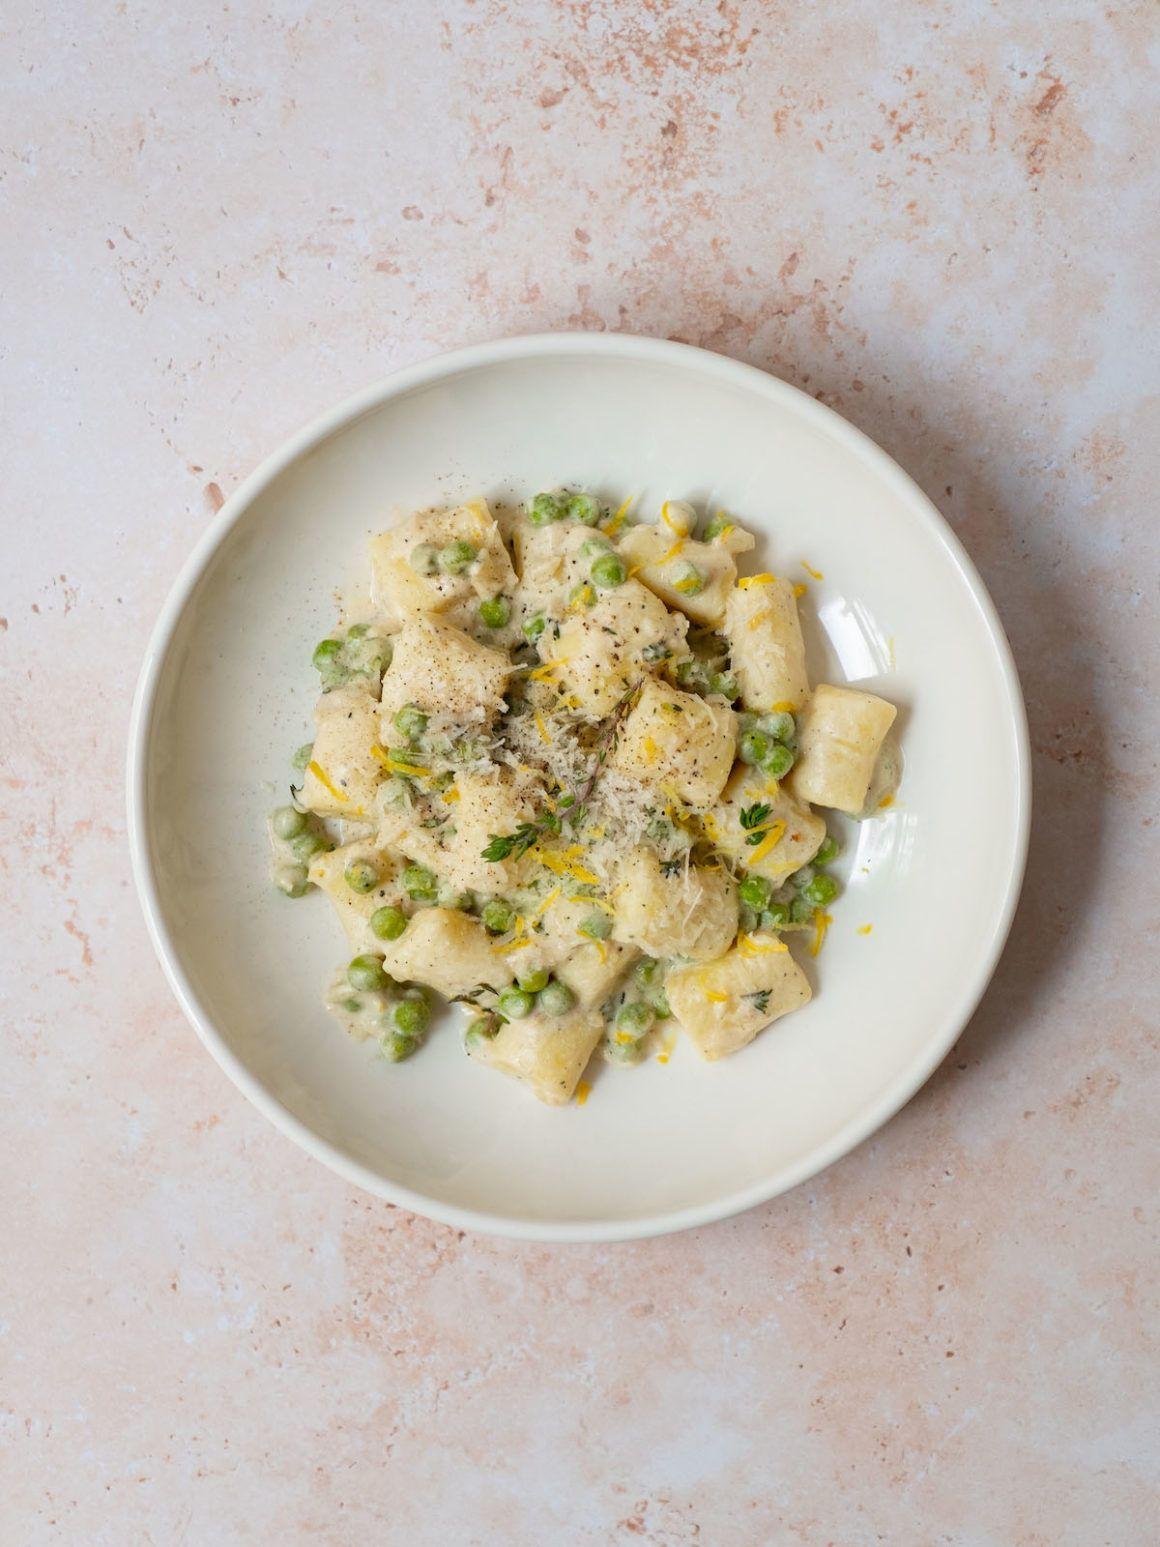 Foodblog, About Fuel, Rezept, Parmesan Gnocchi mit Zitronen Mascarpone Soße, Erbsen